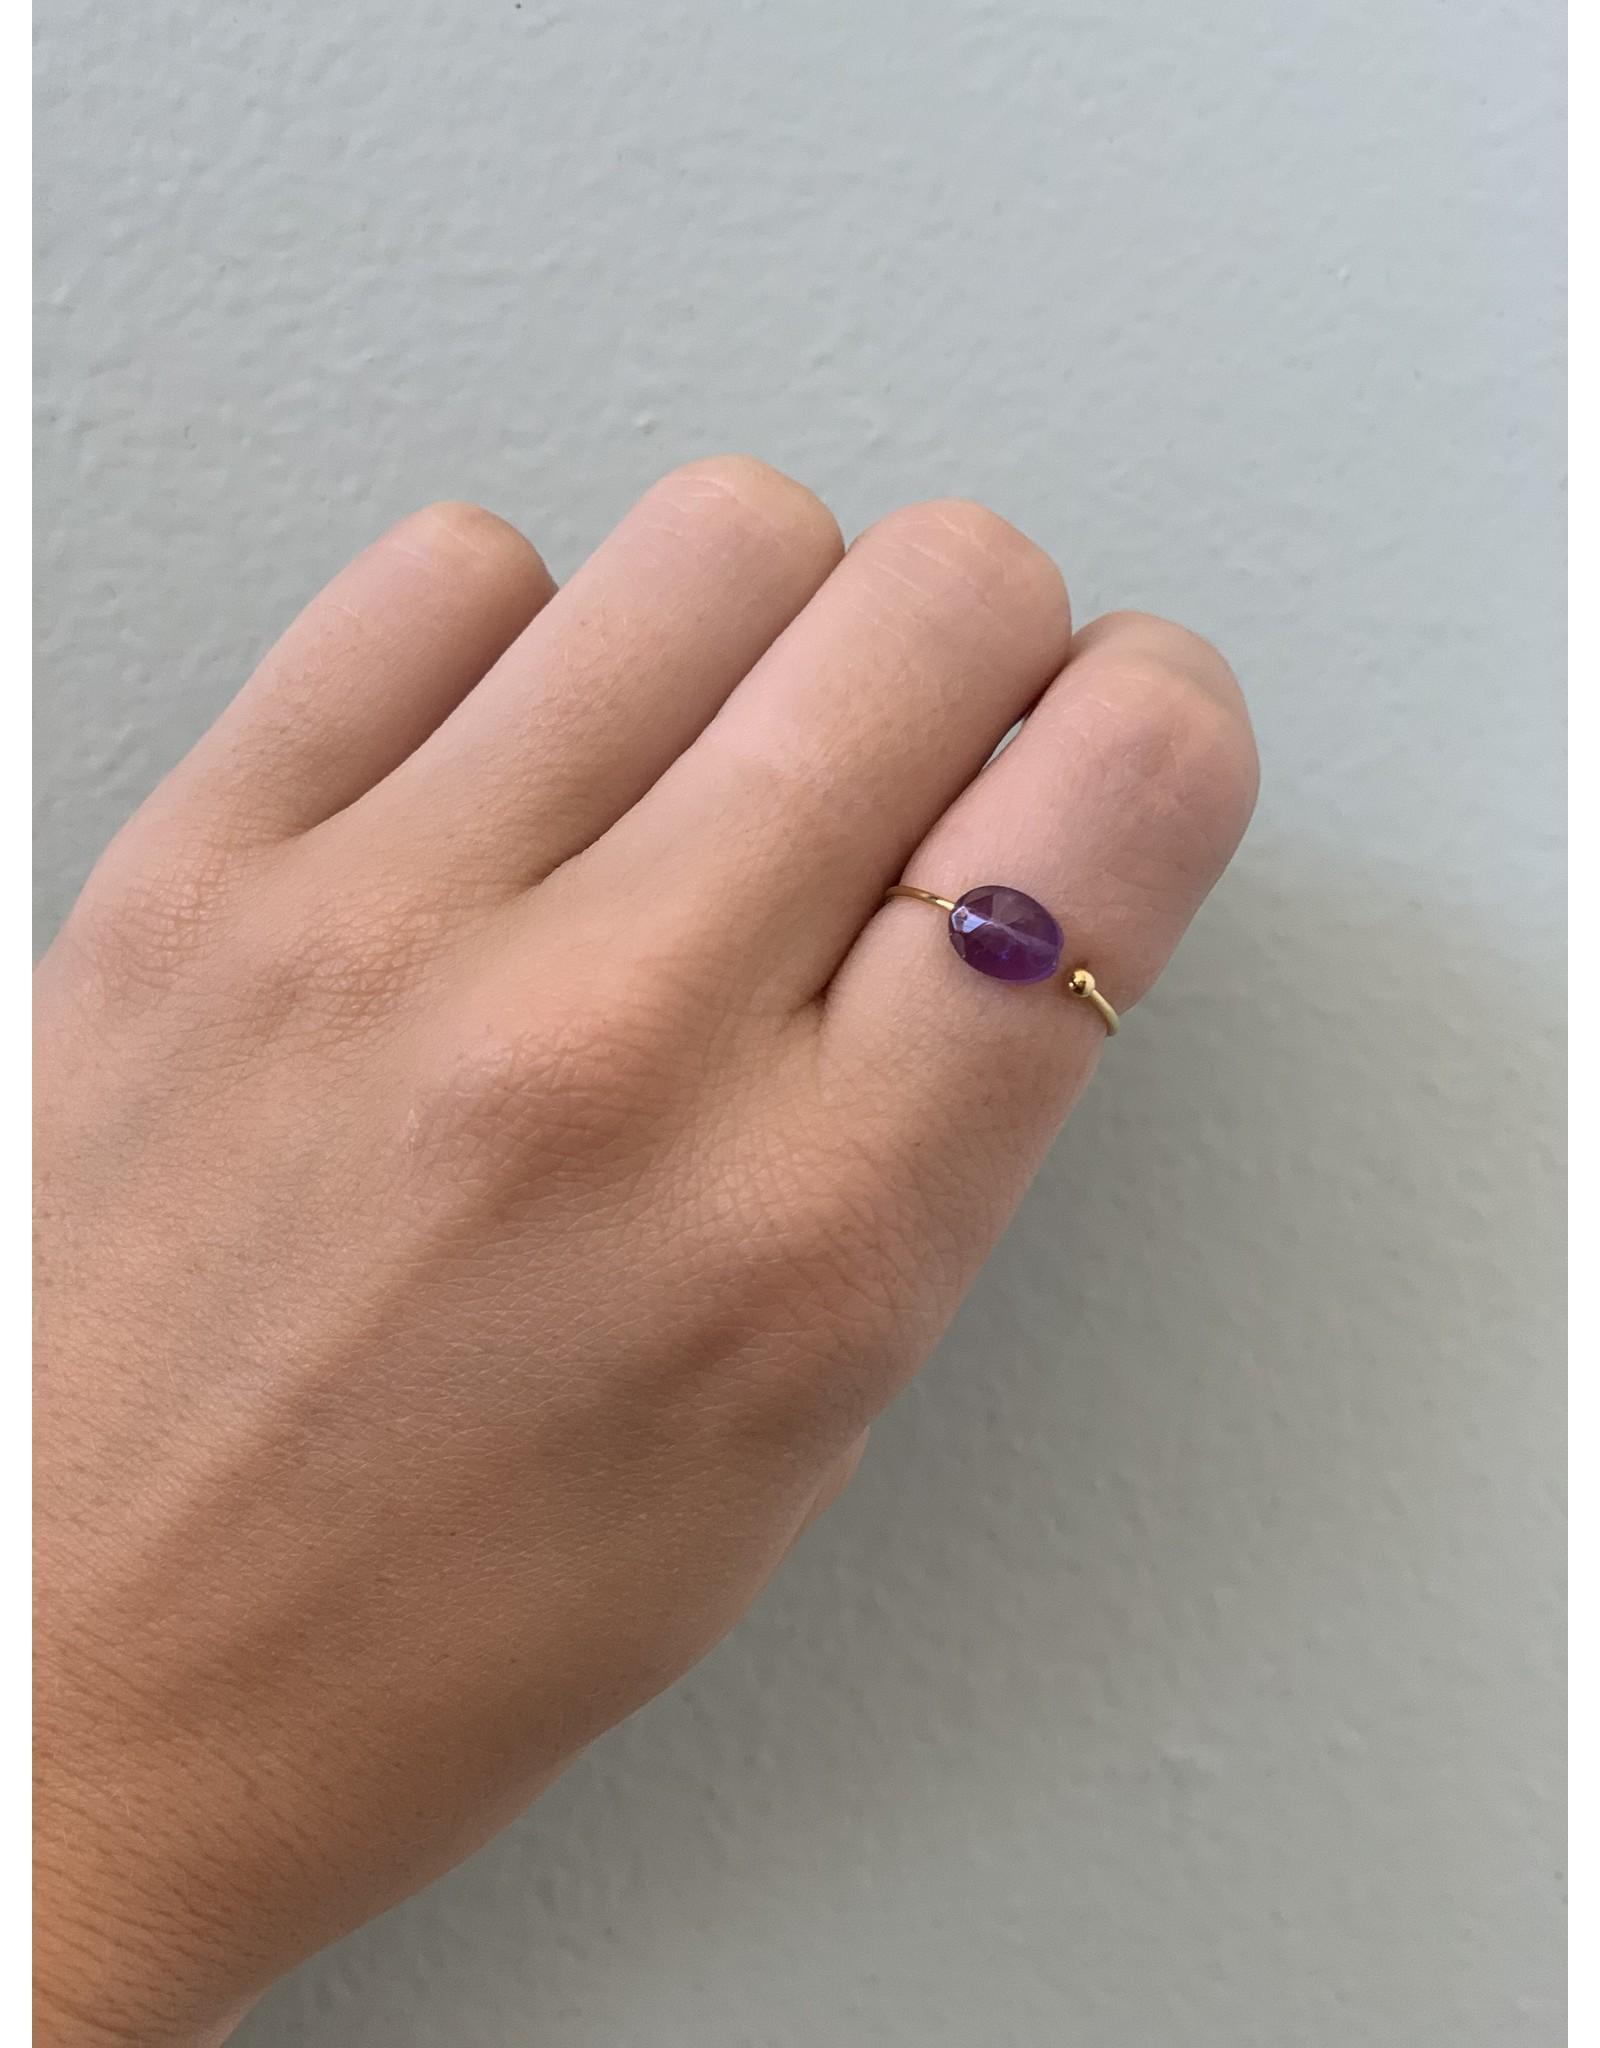 CAI Gold Oval Gemstone Ring, amethyst